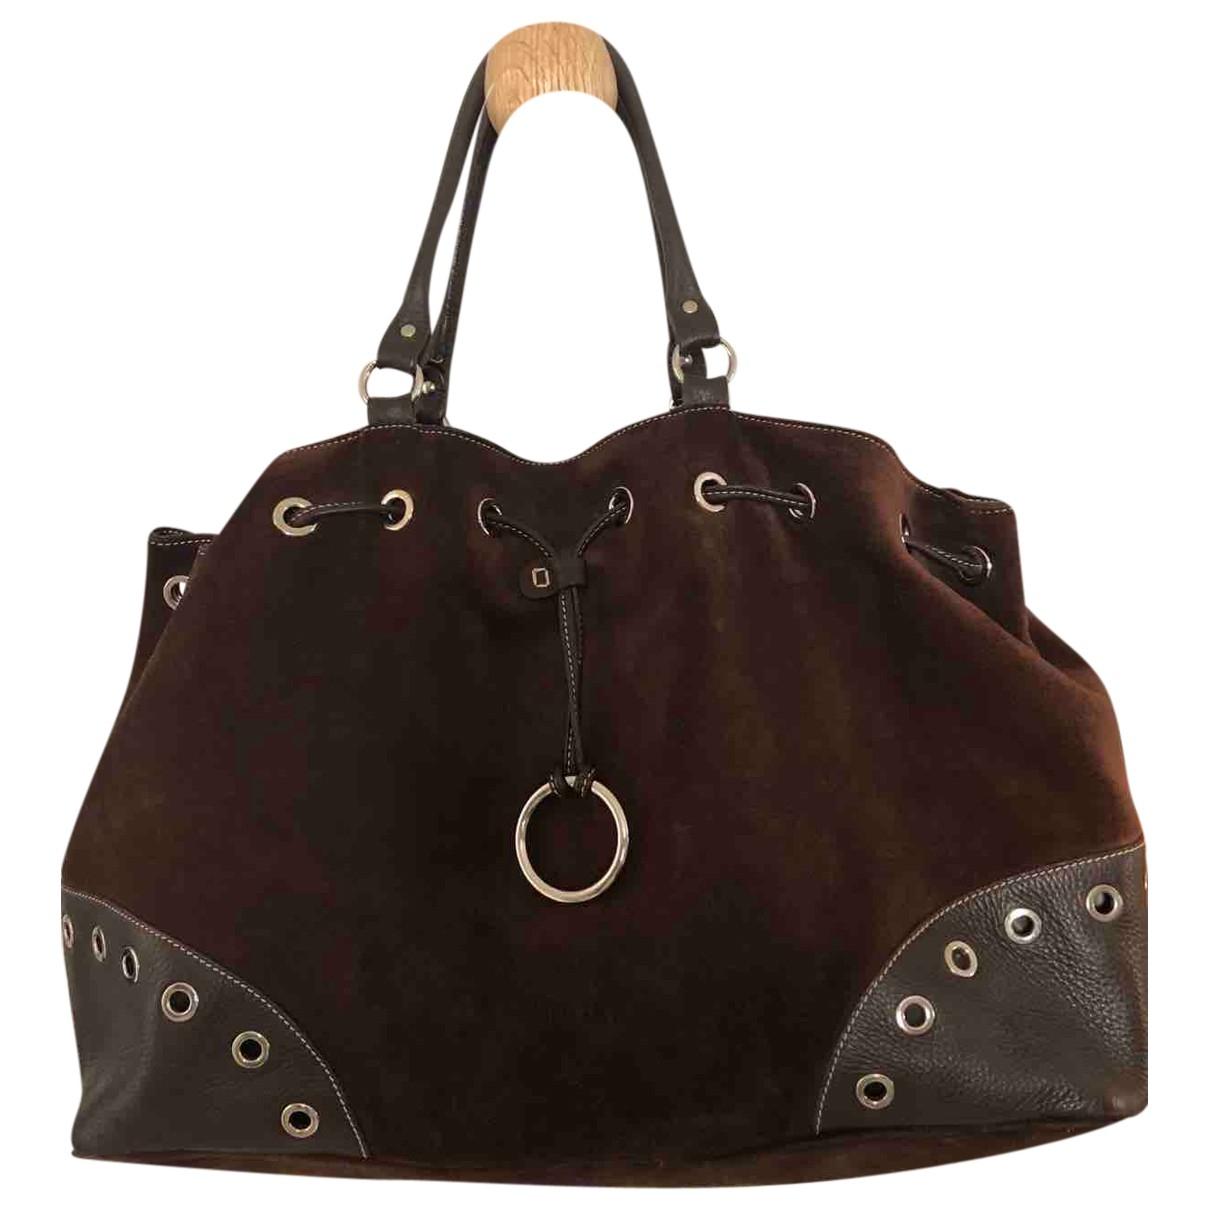 Furla \N Brown Suede handbag for Women \N